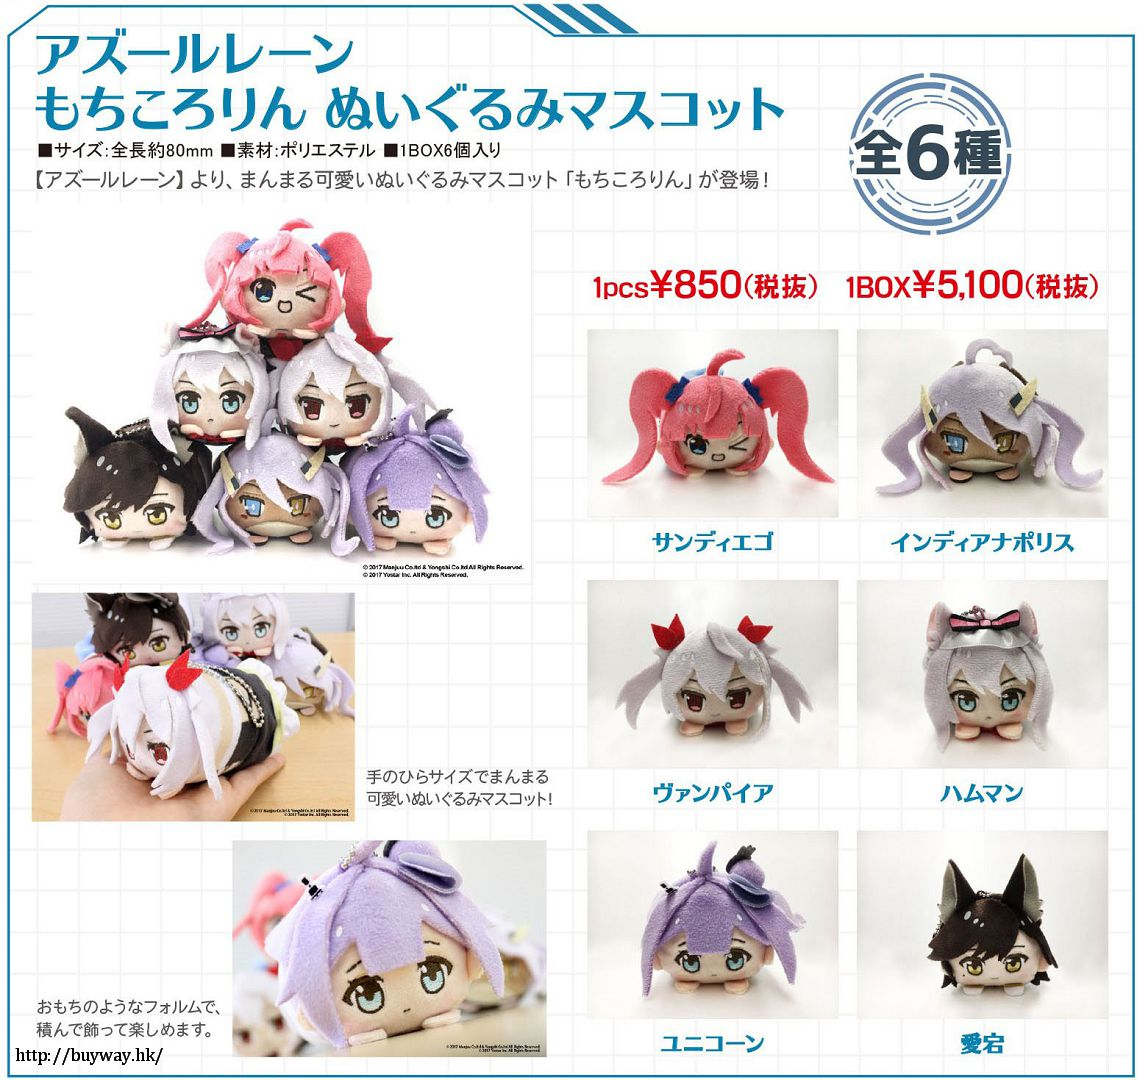 碧藍航線 團子公仔 掛飾 (6 個入) Mochikororin Plush Mascot (6 Pieces)【Azur Lane】